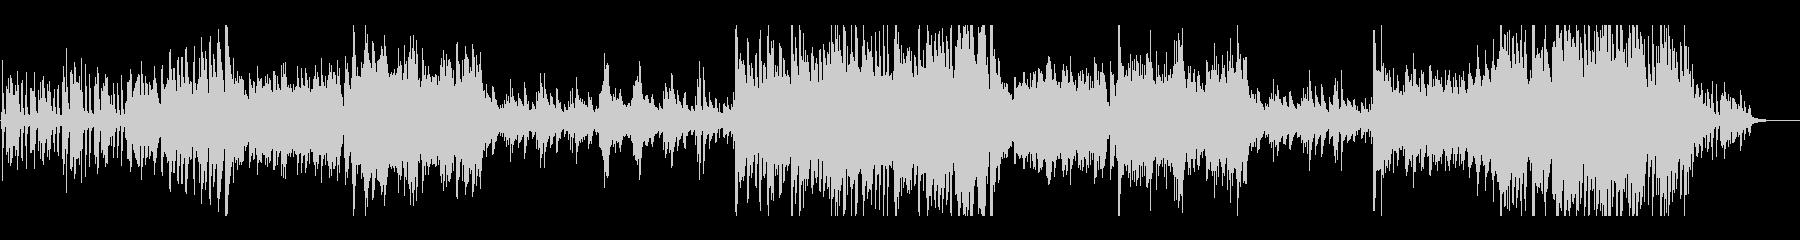 ピアノと和太鼓の華やかな現代和風BGMの未再生の波形